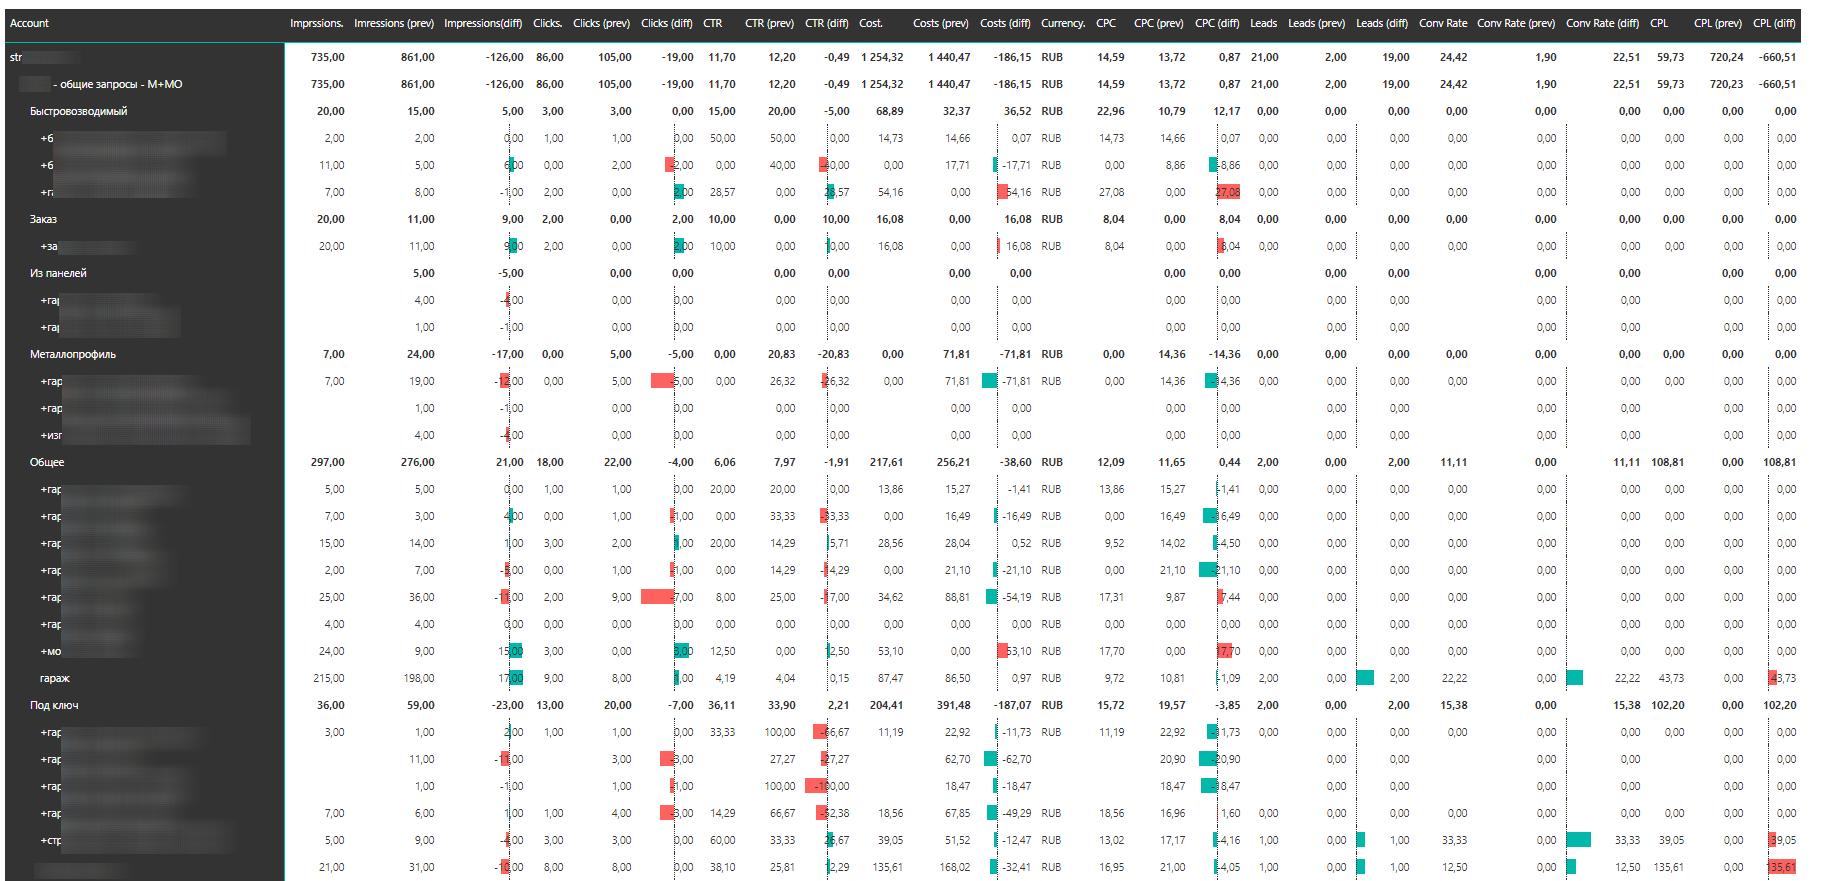 Таблица по сравнению данных по ключевым словам за разные периоды